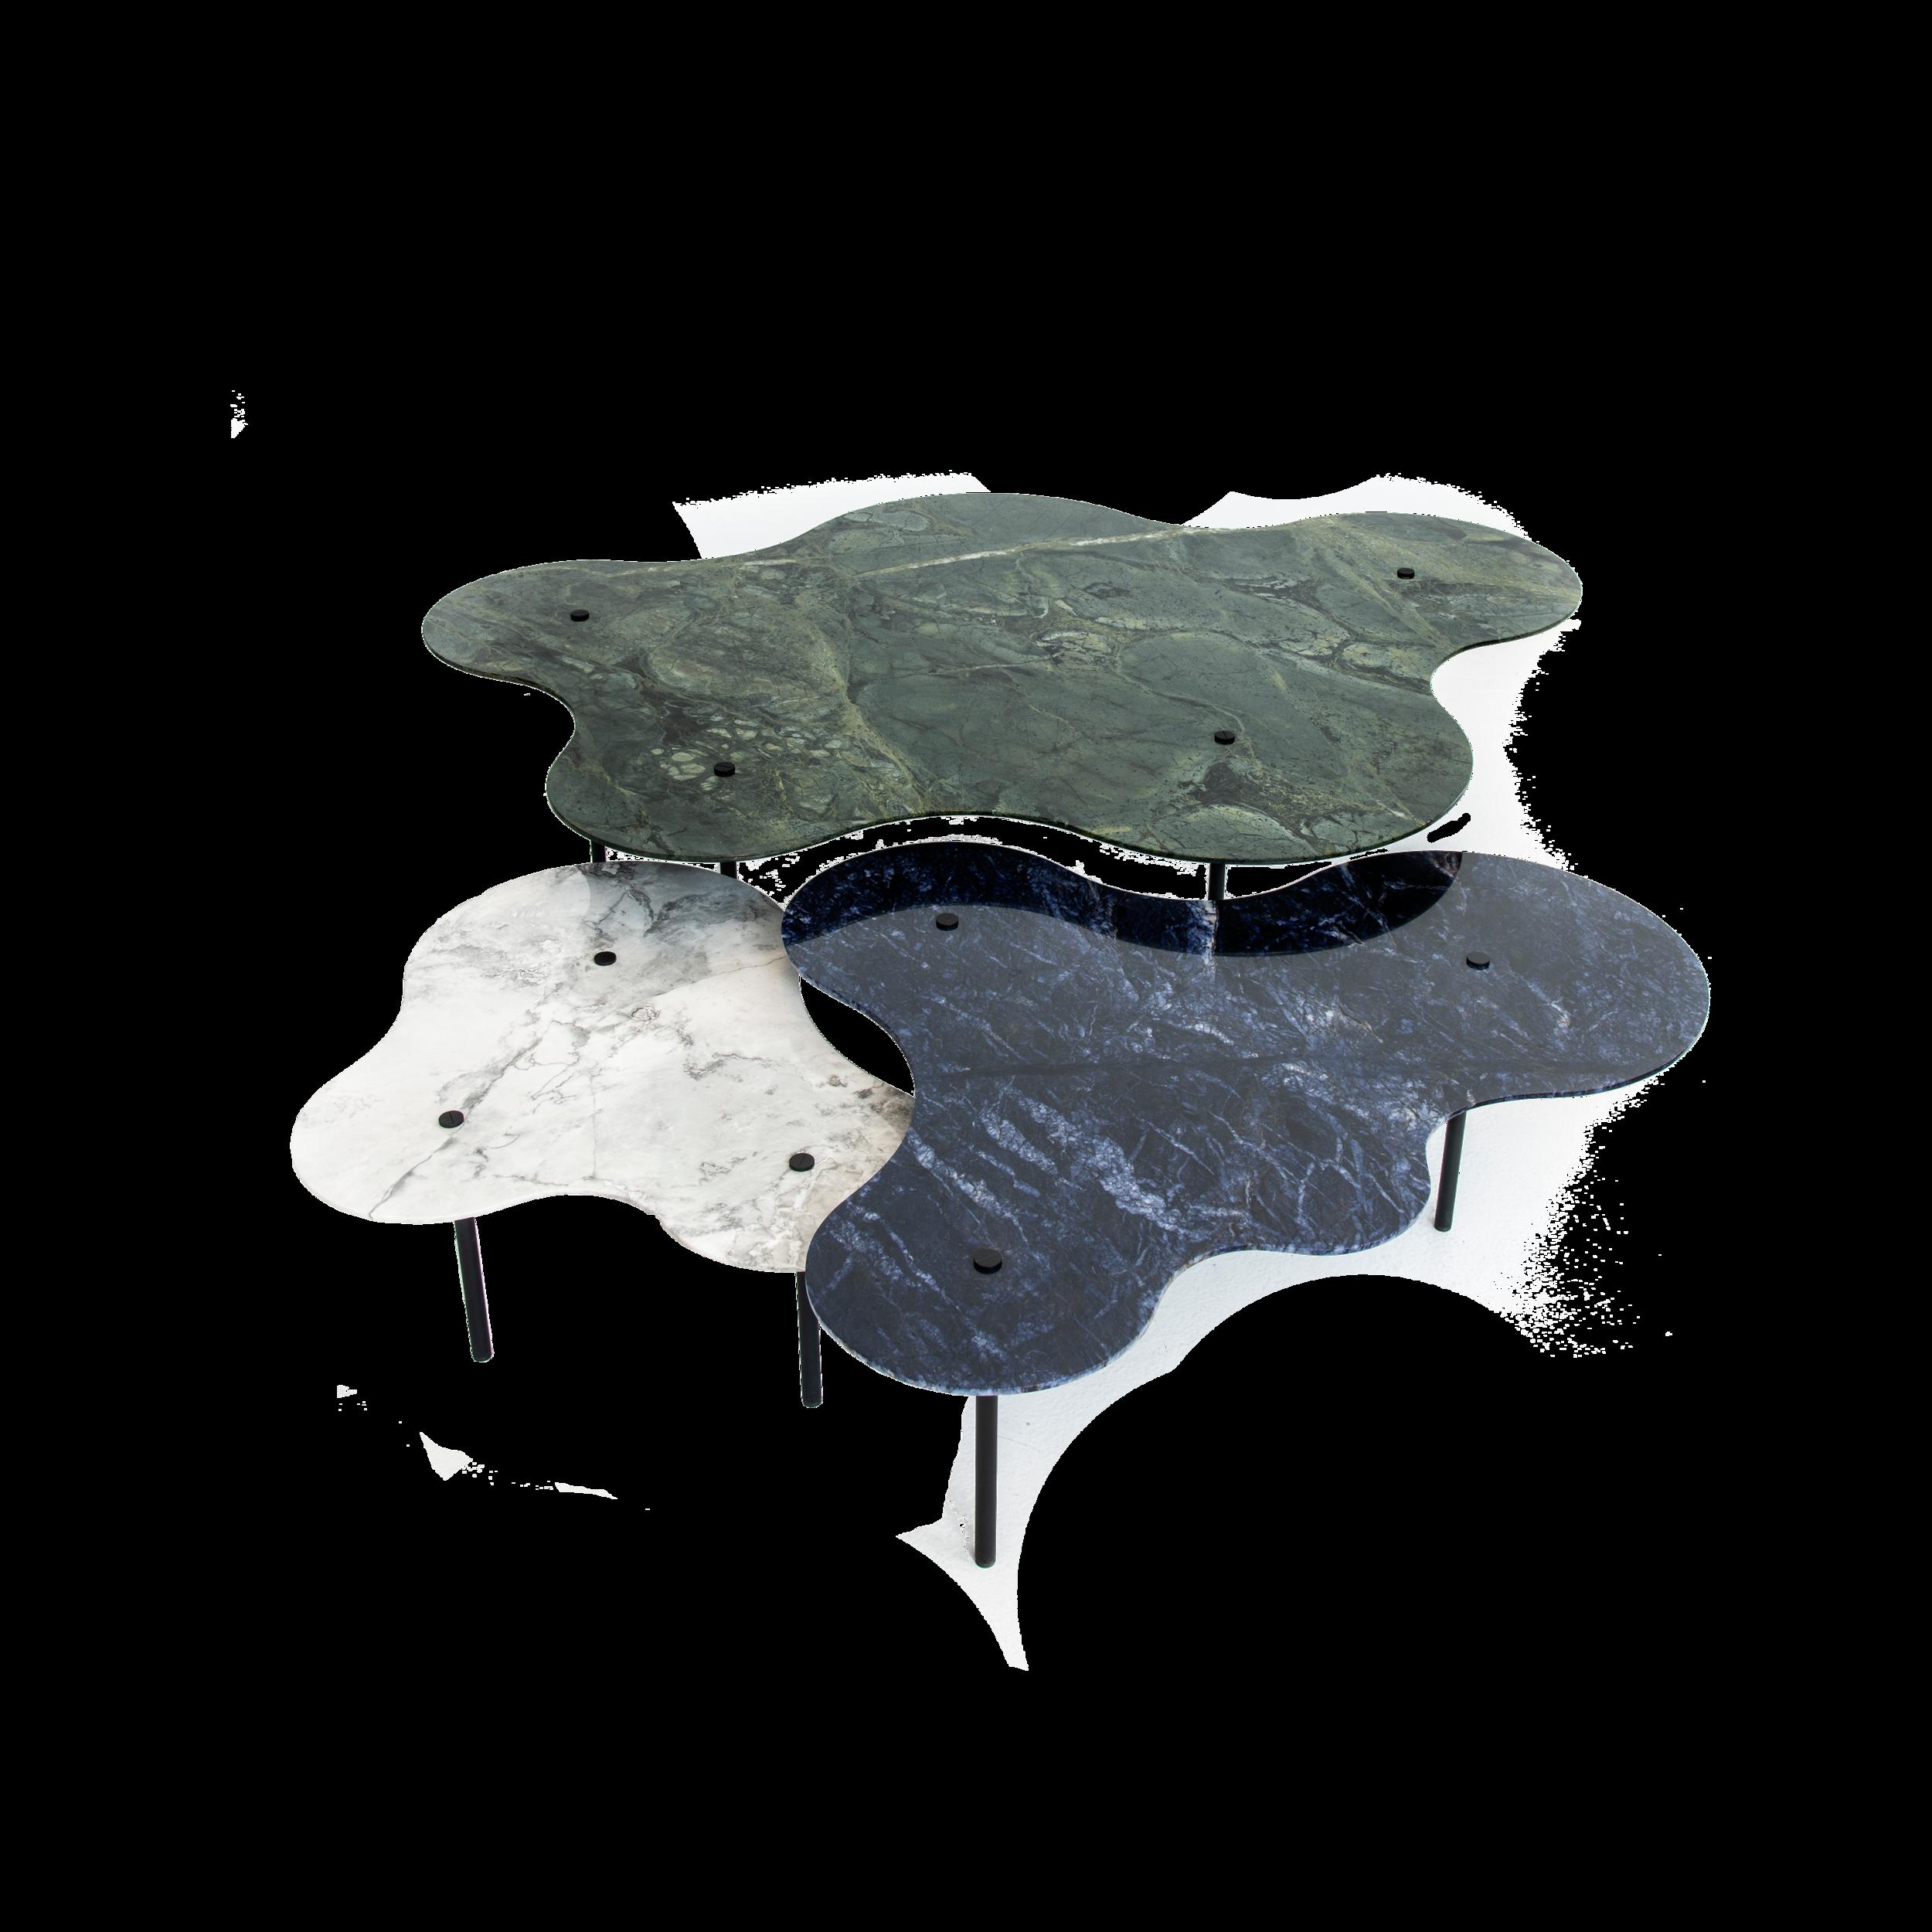 LINHA BOTANIQUE - Inspirada nos traços orgânicos característicos dos jardins do paisagista Burle Marx, as cores vibrantes presentes nos materiais naturais de origem brasileira fazem tanto alusão à riqueza do território nacional, como reforçam a identidade do desenho desta linha.